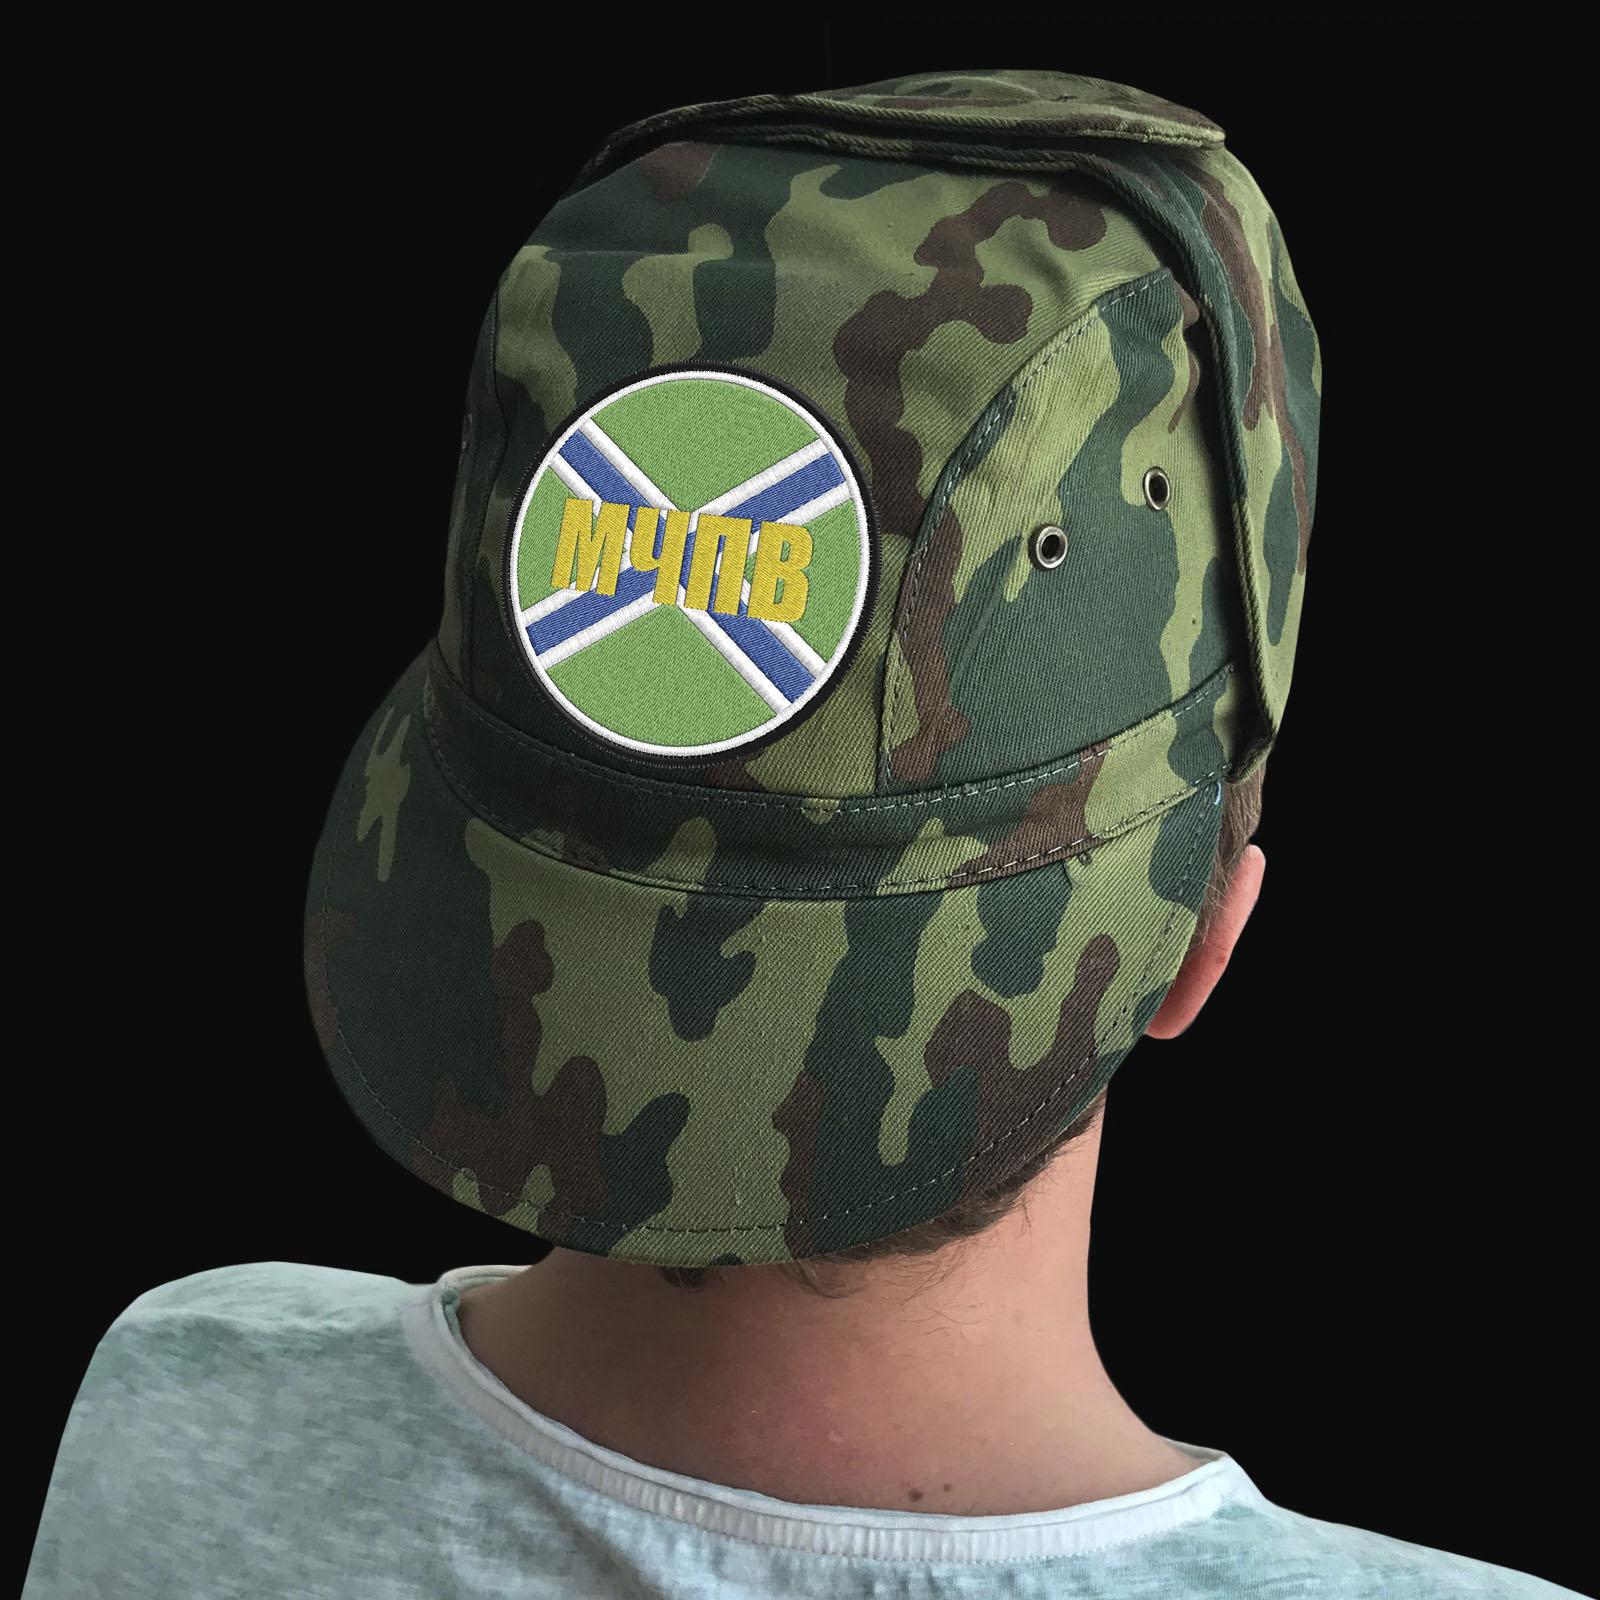 Мужские кепки с вышитой символикой Морчастей Погранвойск